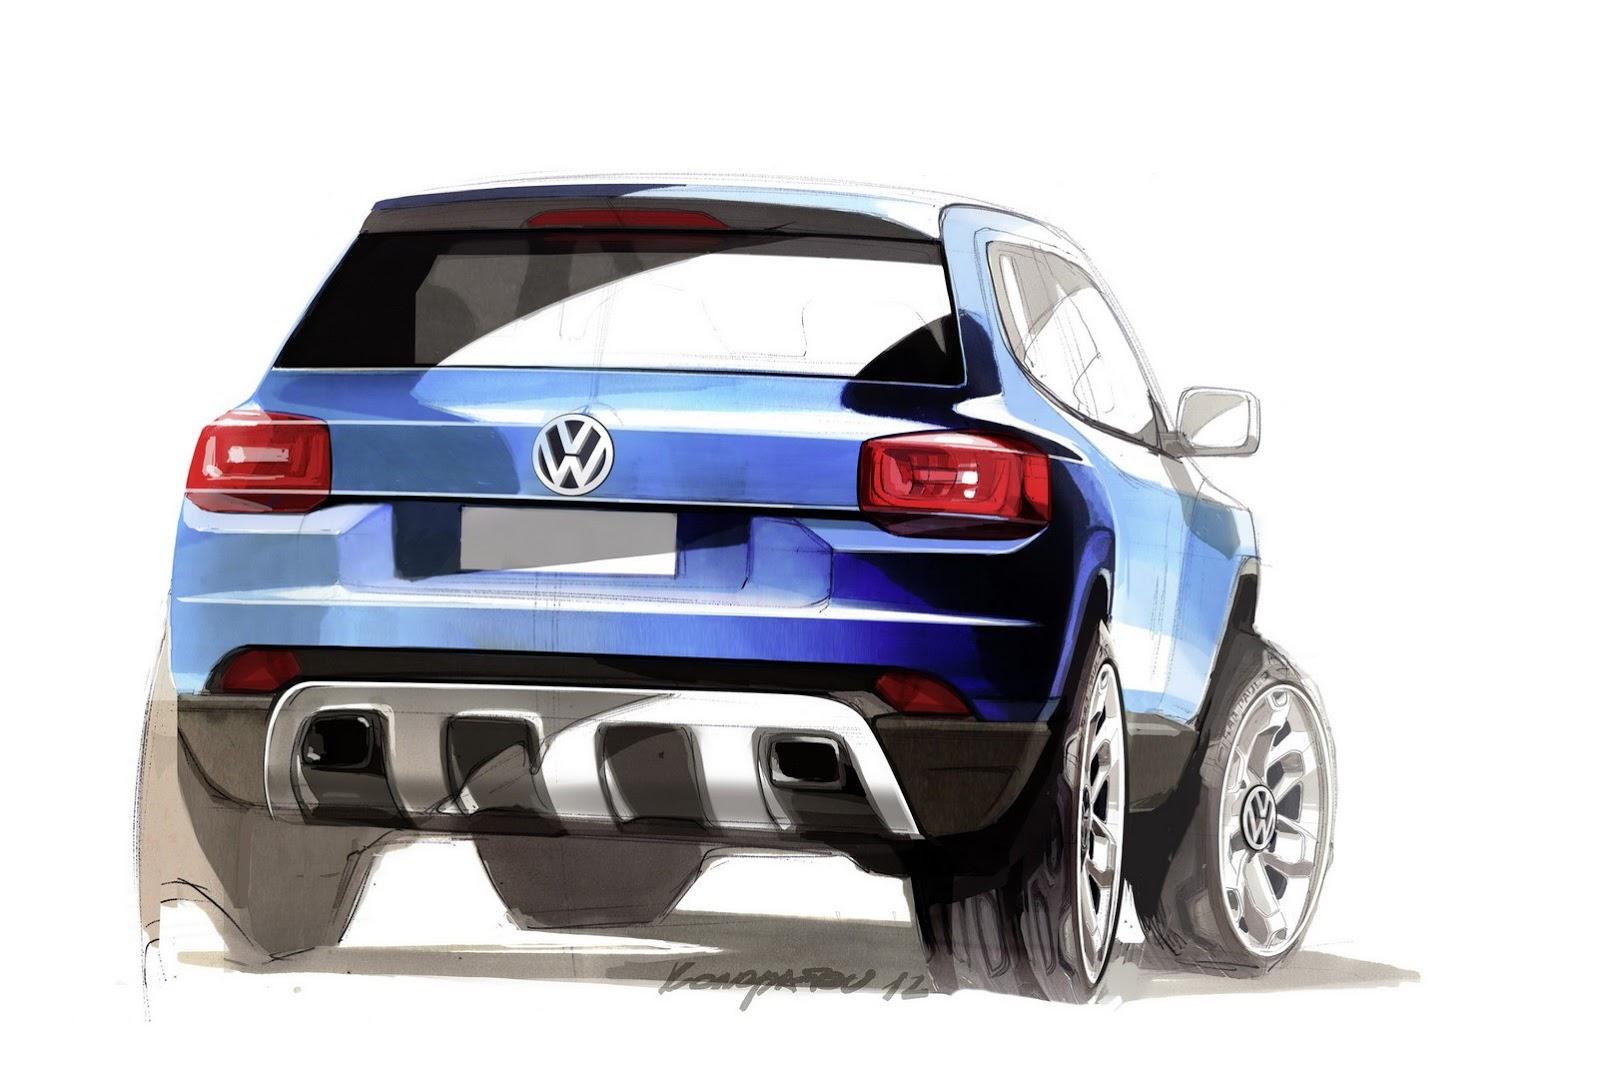 концепт-кар volkswagen taigun. тизер volkswagen